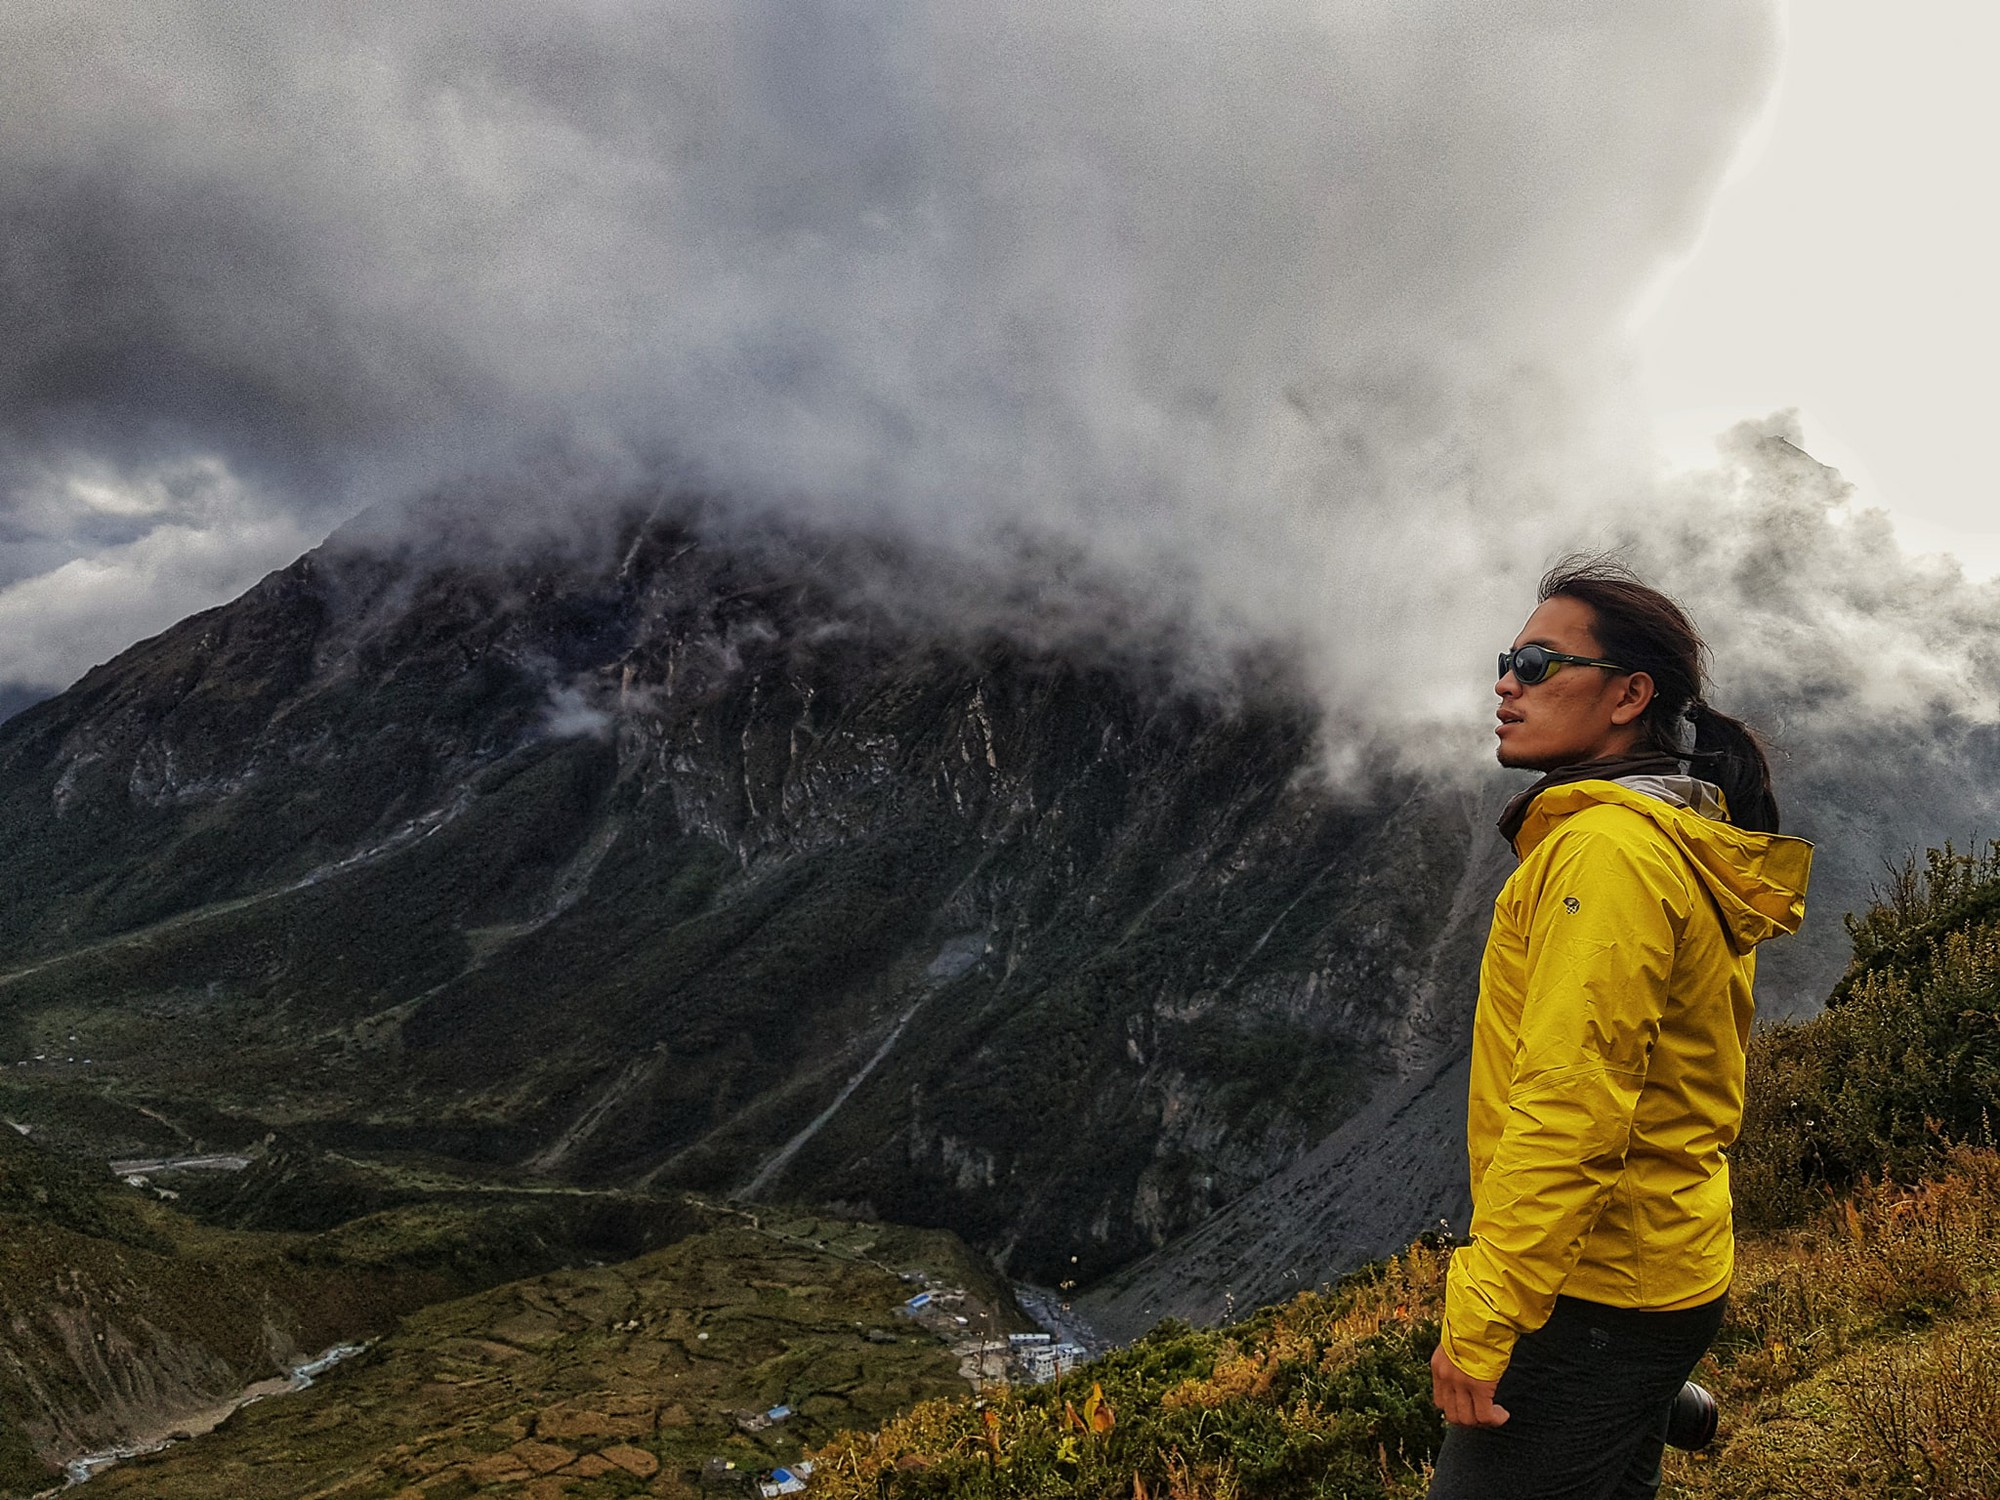 Phượt thủ Hoàng Lê Giang đăng đàn xin lỗi trên Facebook cá nhân vì đã nói dối về việc chinh phục đỉnh Denali ở Alaska - Ảnh 1.